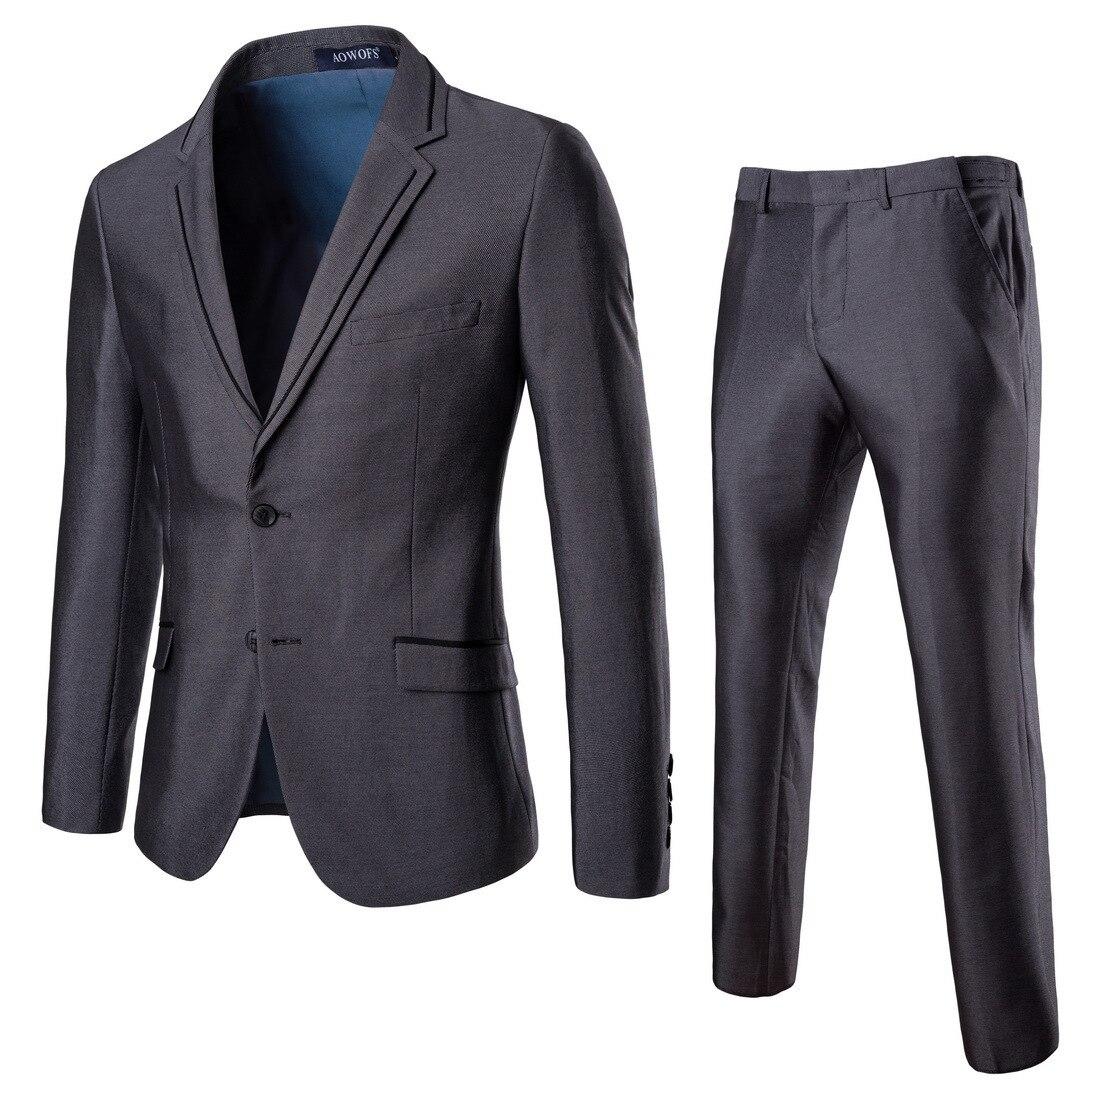 Smart Casual Suits Blazer Men 2019 New Arrival 2 Pieces Business Suit Best Man And Groom Wedding Dress Plus Size Men Coat